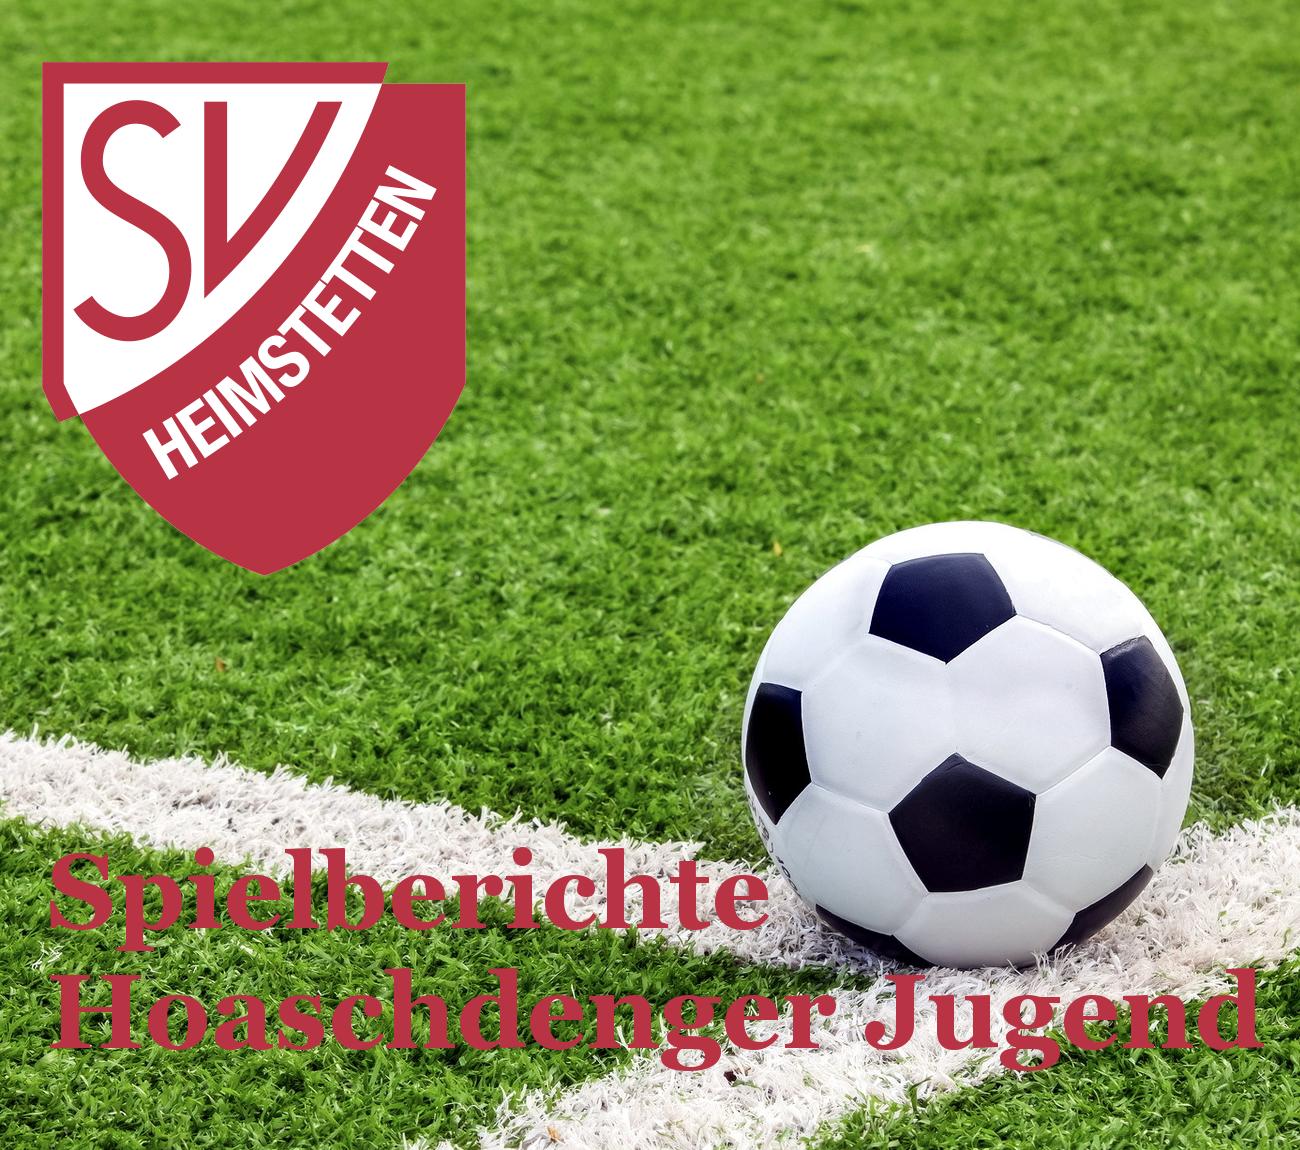 Jugend: Ergebnisse & Spielberichte vom Wochenende 18. + 19. Mai 2019